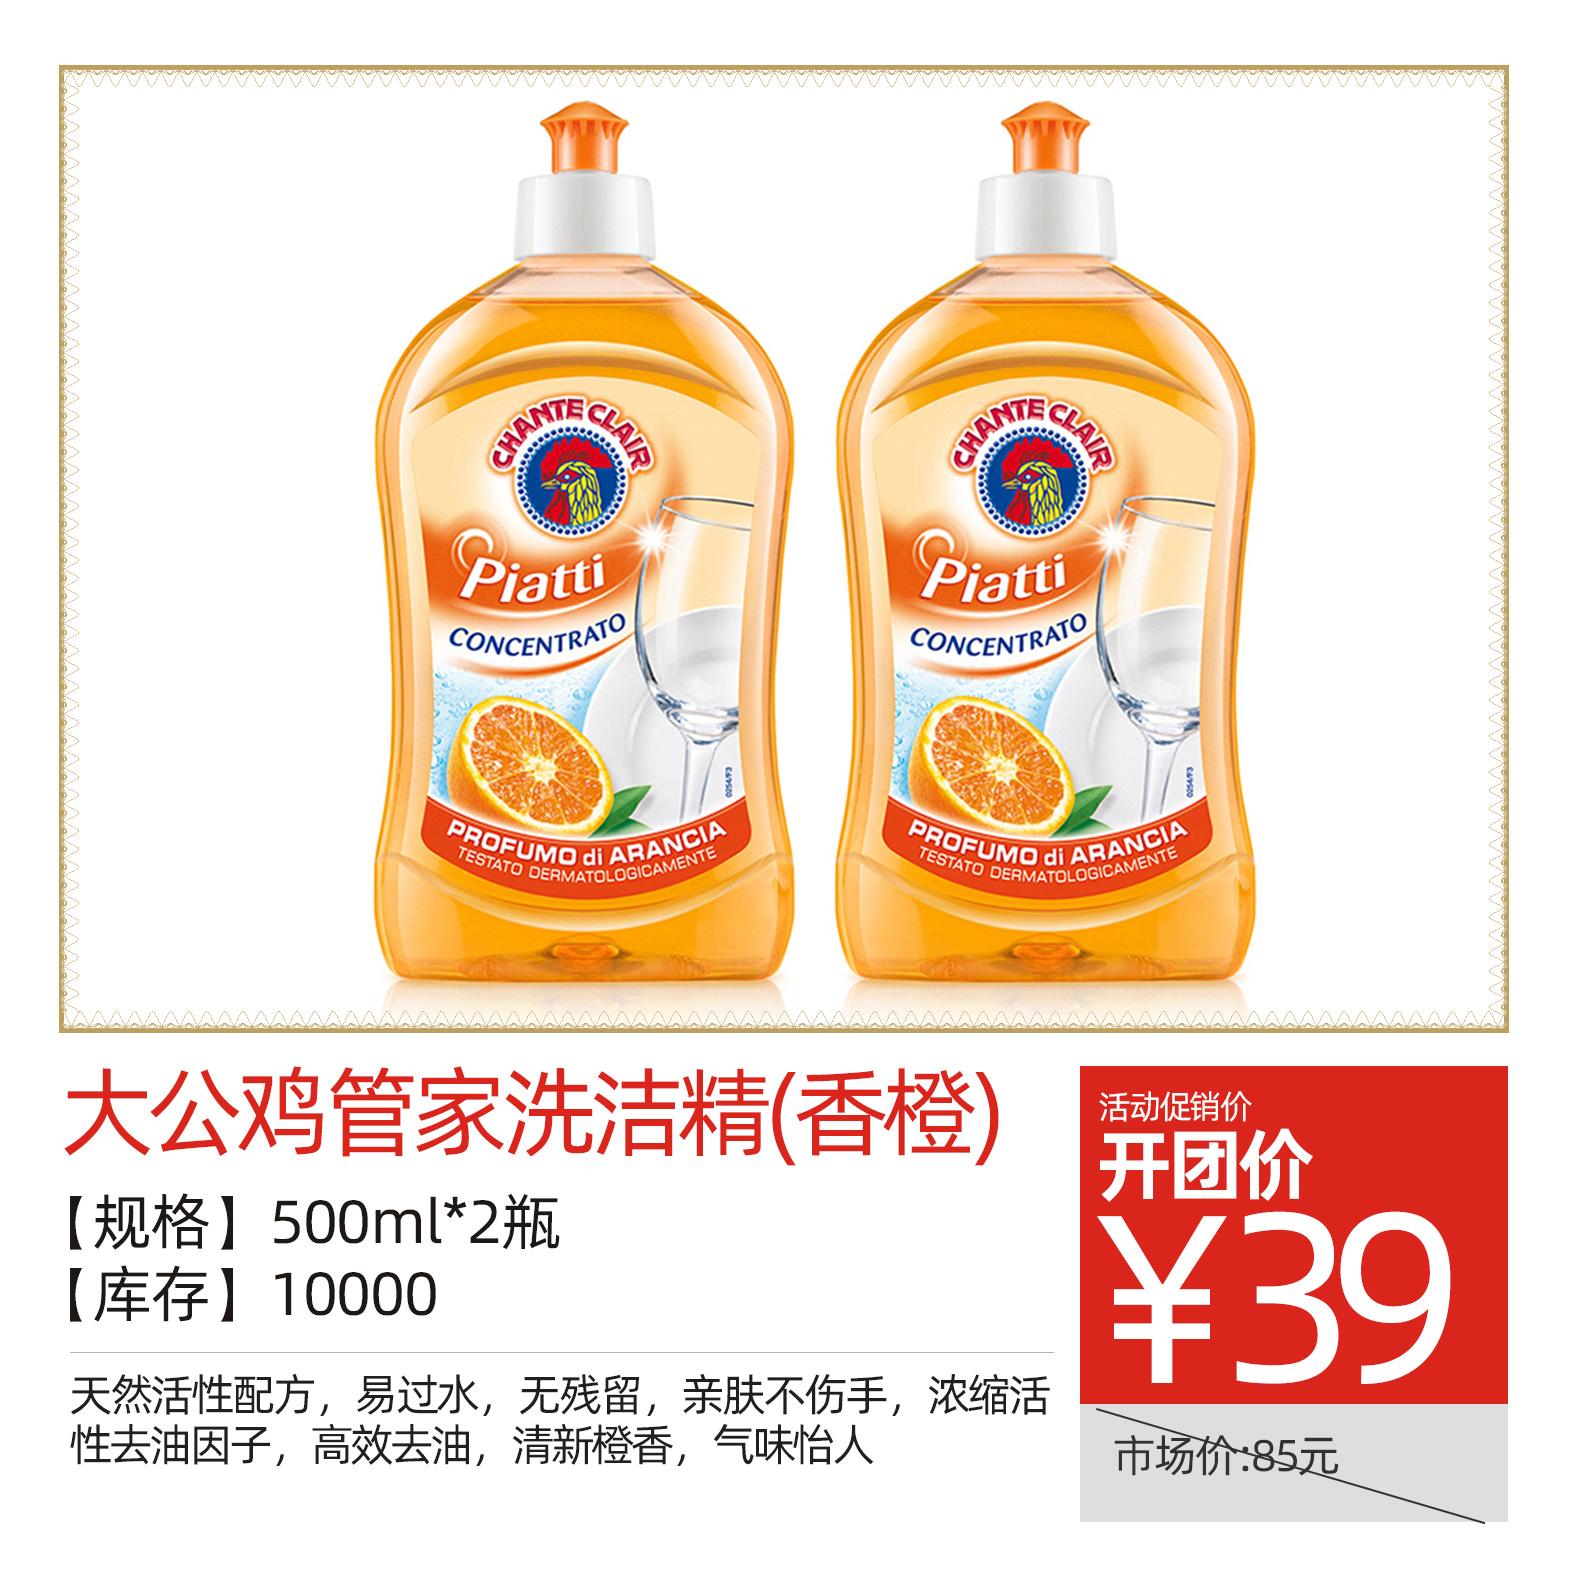 大公鸡管家洗洁精(香橙)500ml两瓶装